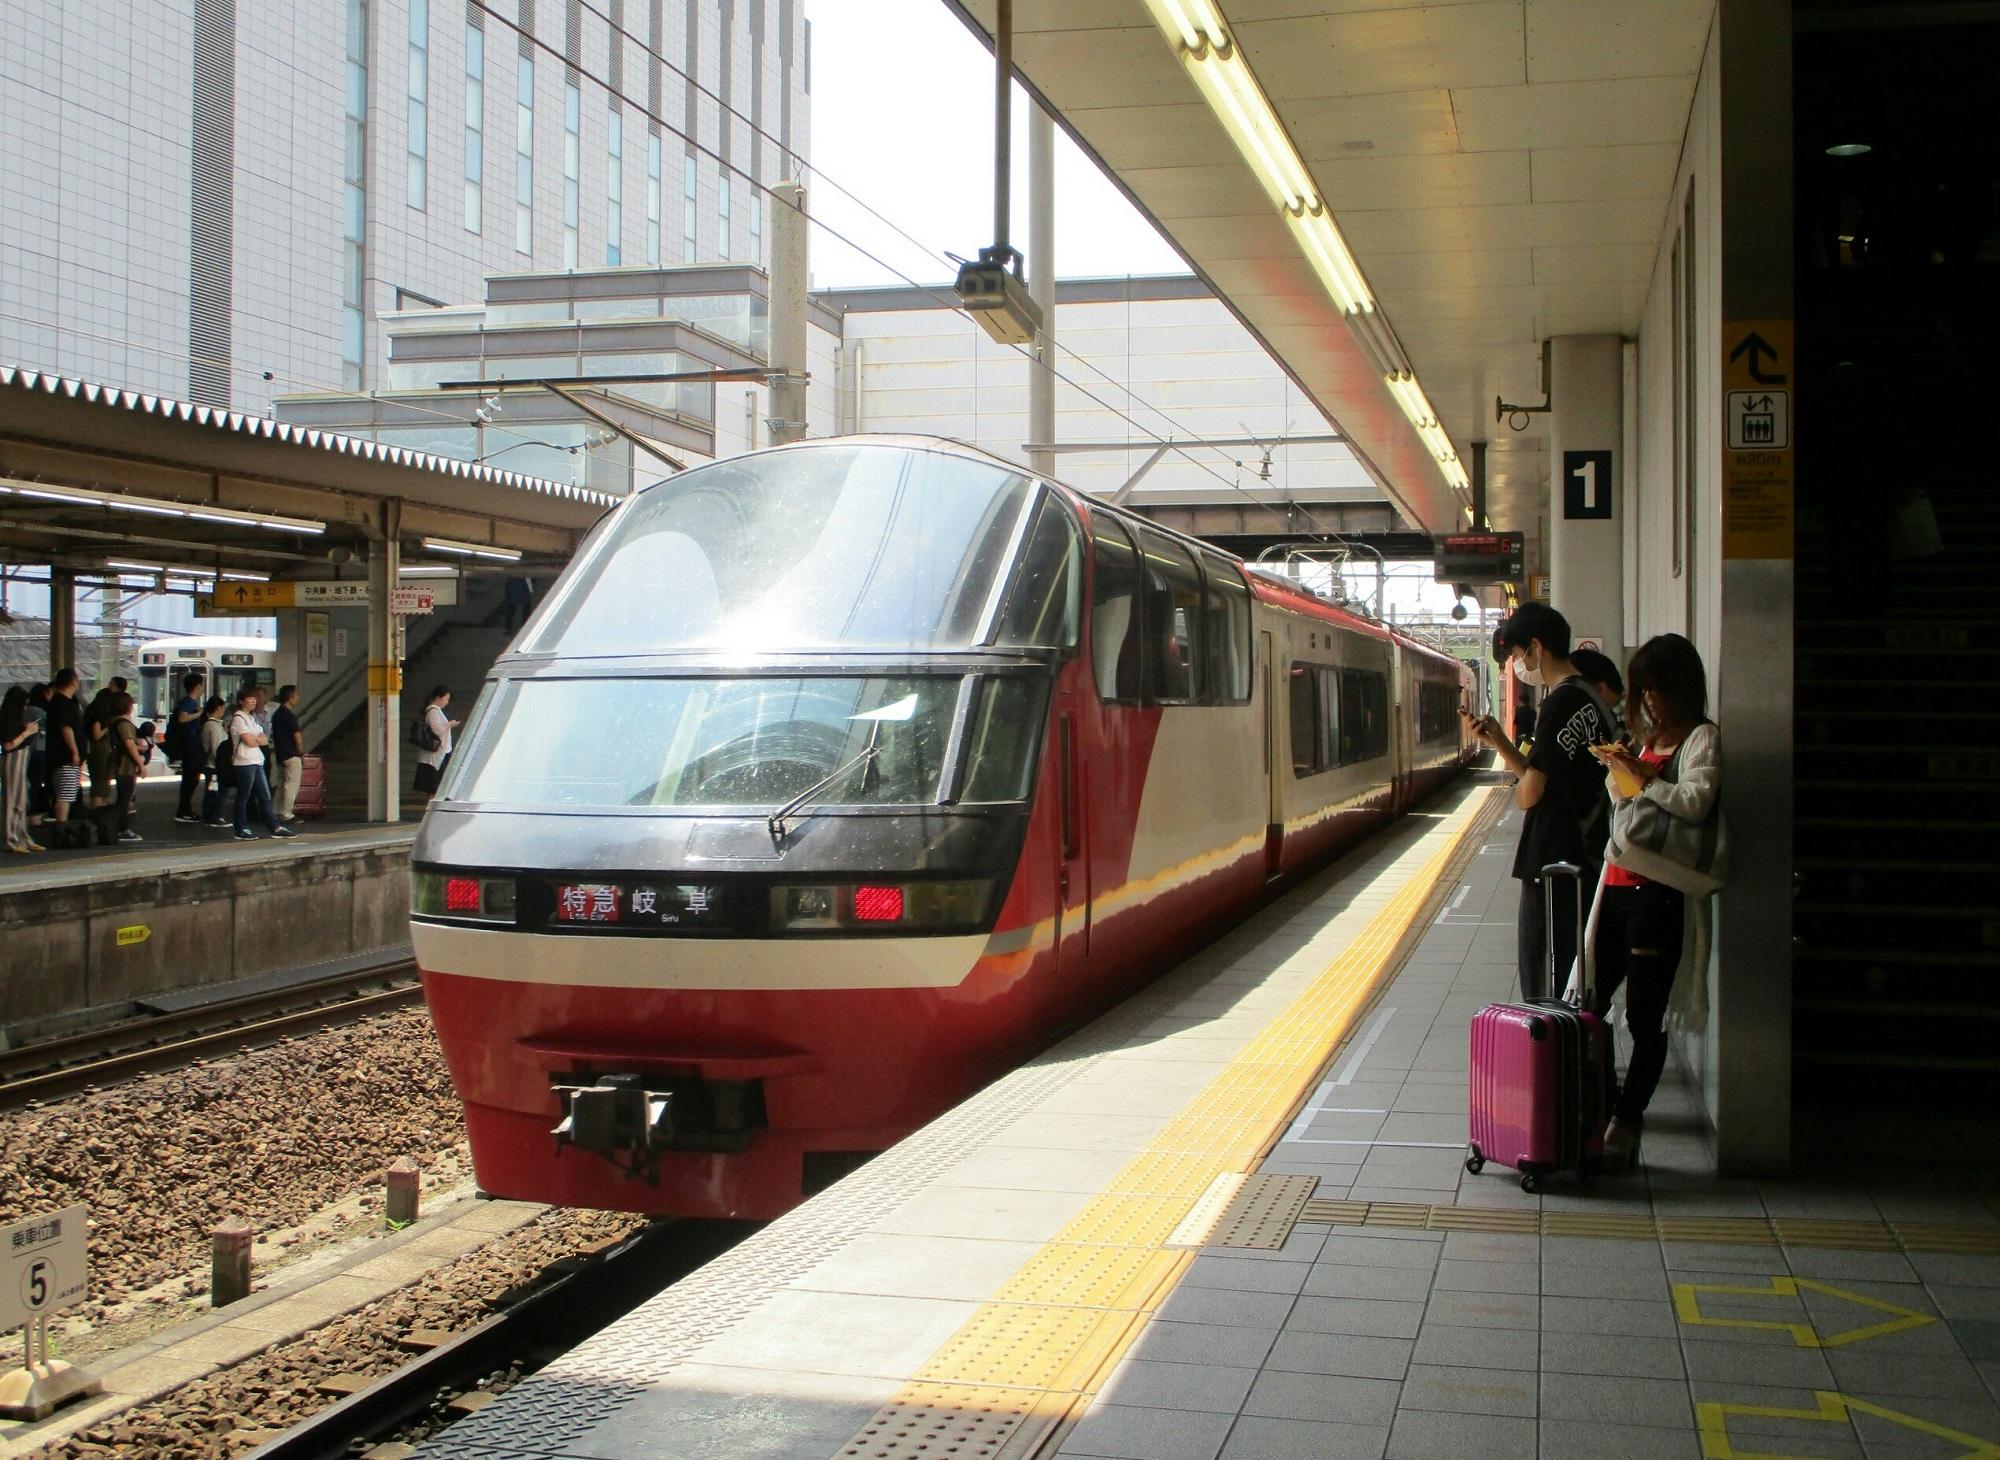 2019.6.3 (6) 金山 - 岐阜いき特急 2000-1460